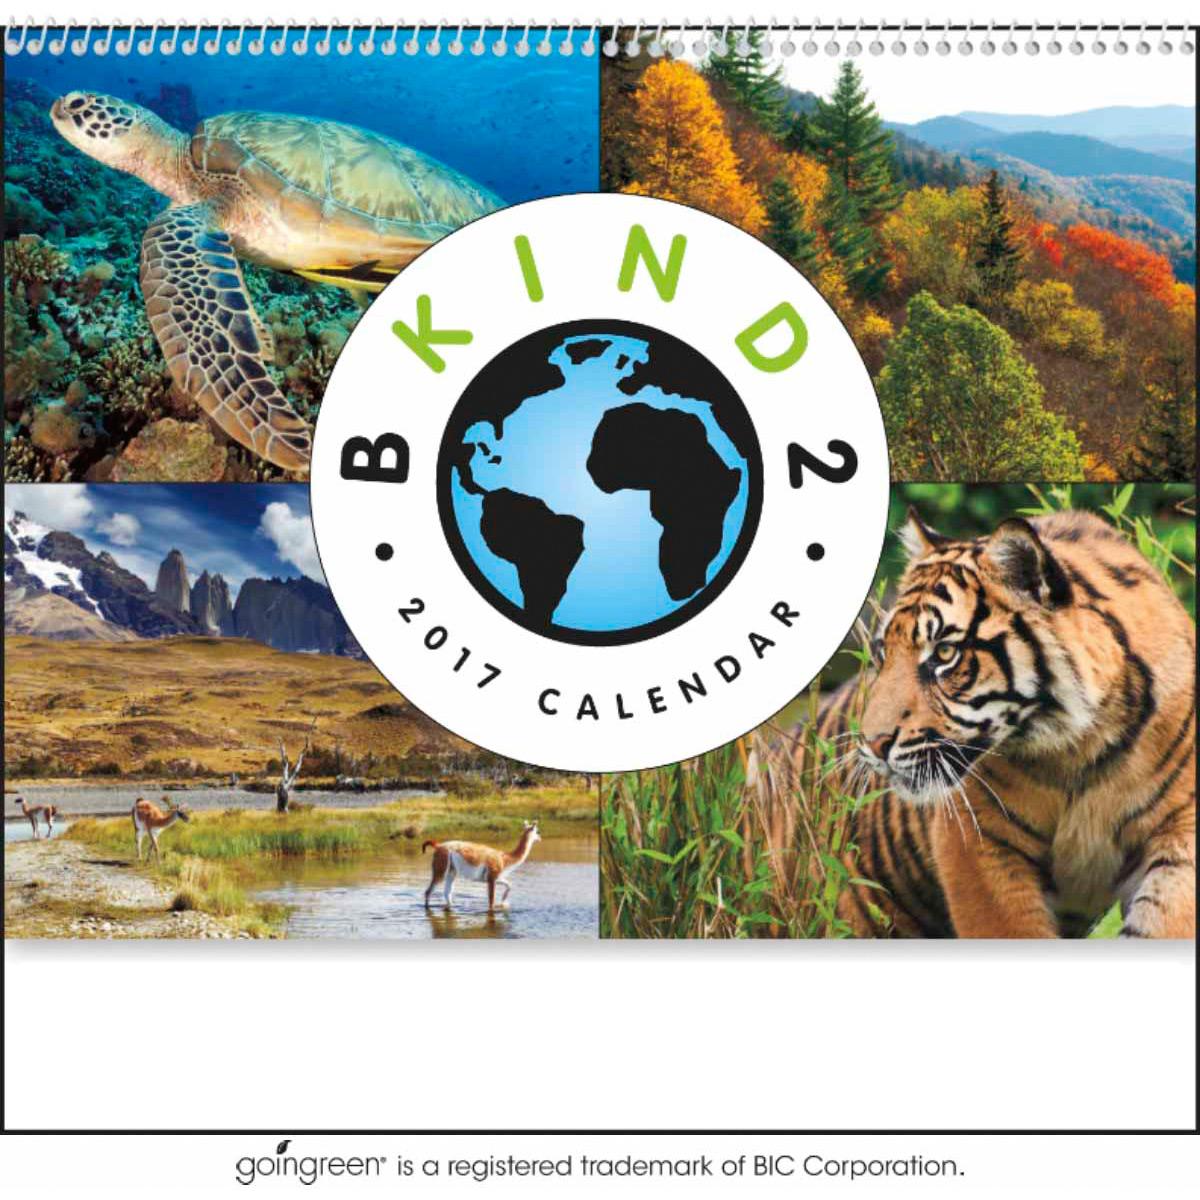 B Kind 2 Earth Calendars for Customization